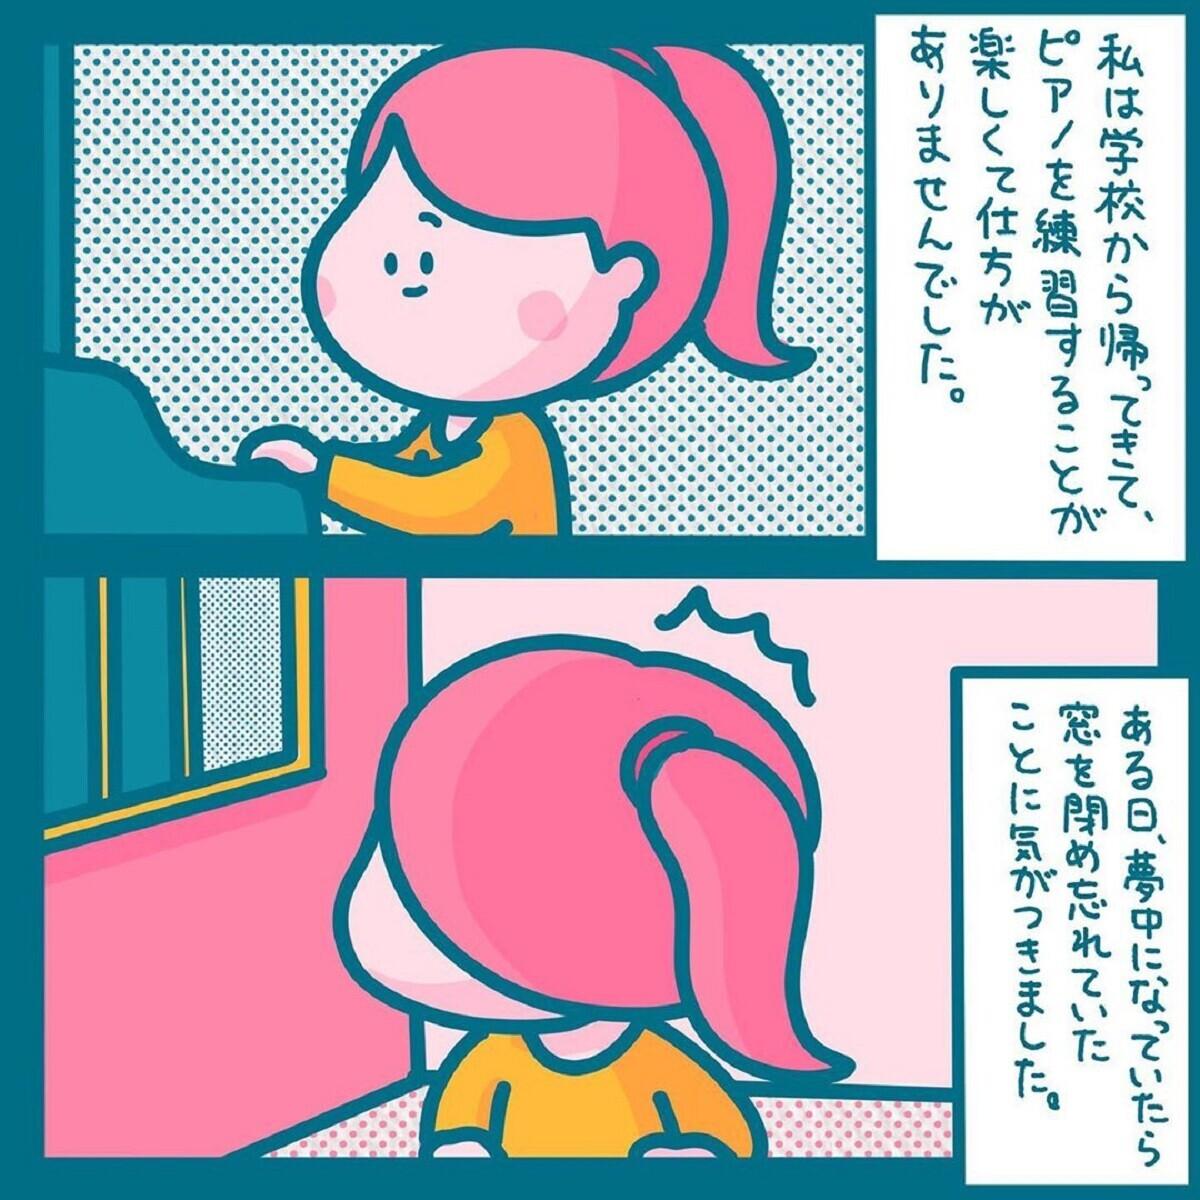 私は学校から帰ってきて、ピアノを練習することが楽しくて仕方がありませんでした。ある日、夢中になっていたら窓を閉め忘れていたことに気が付きました